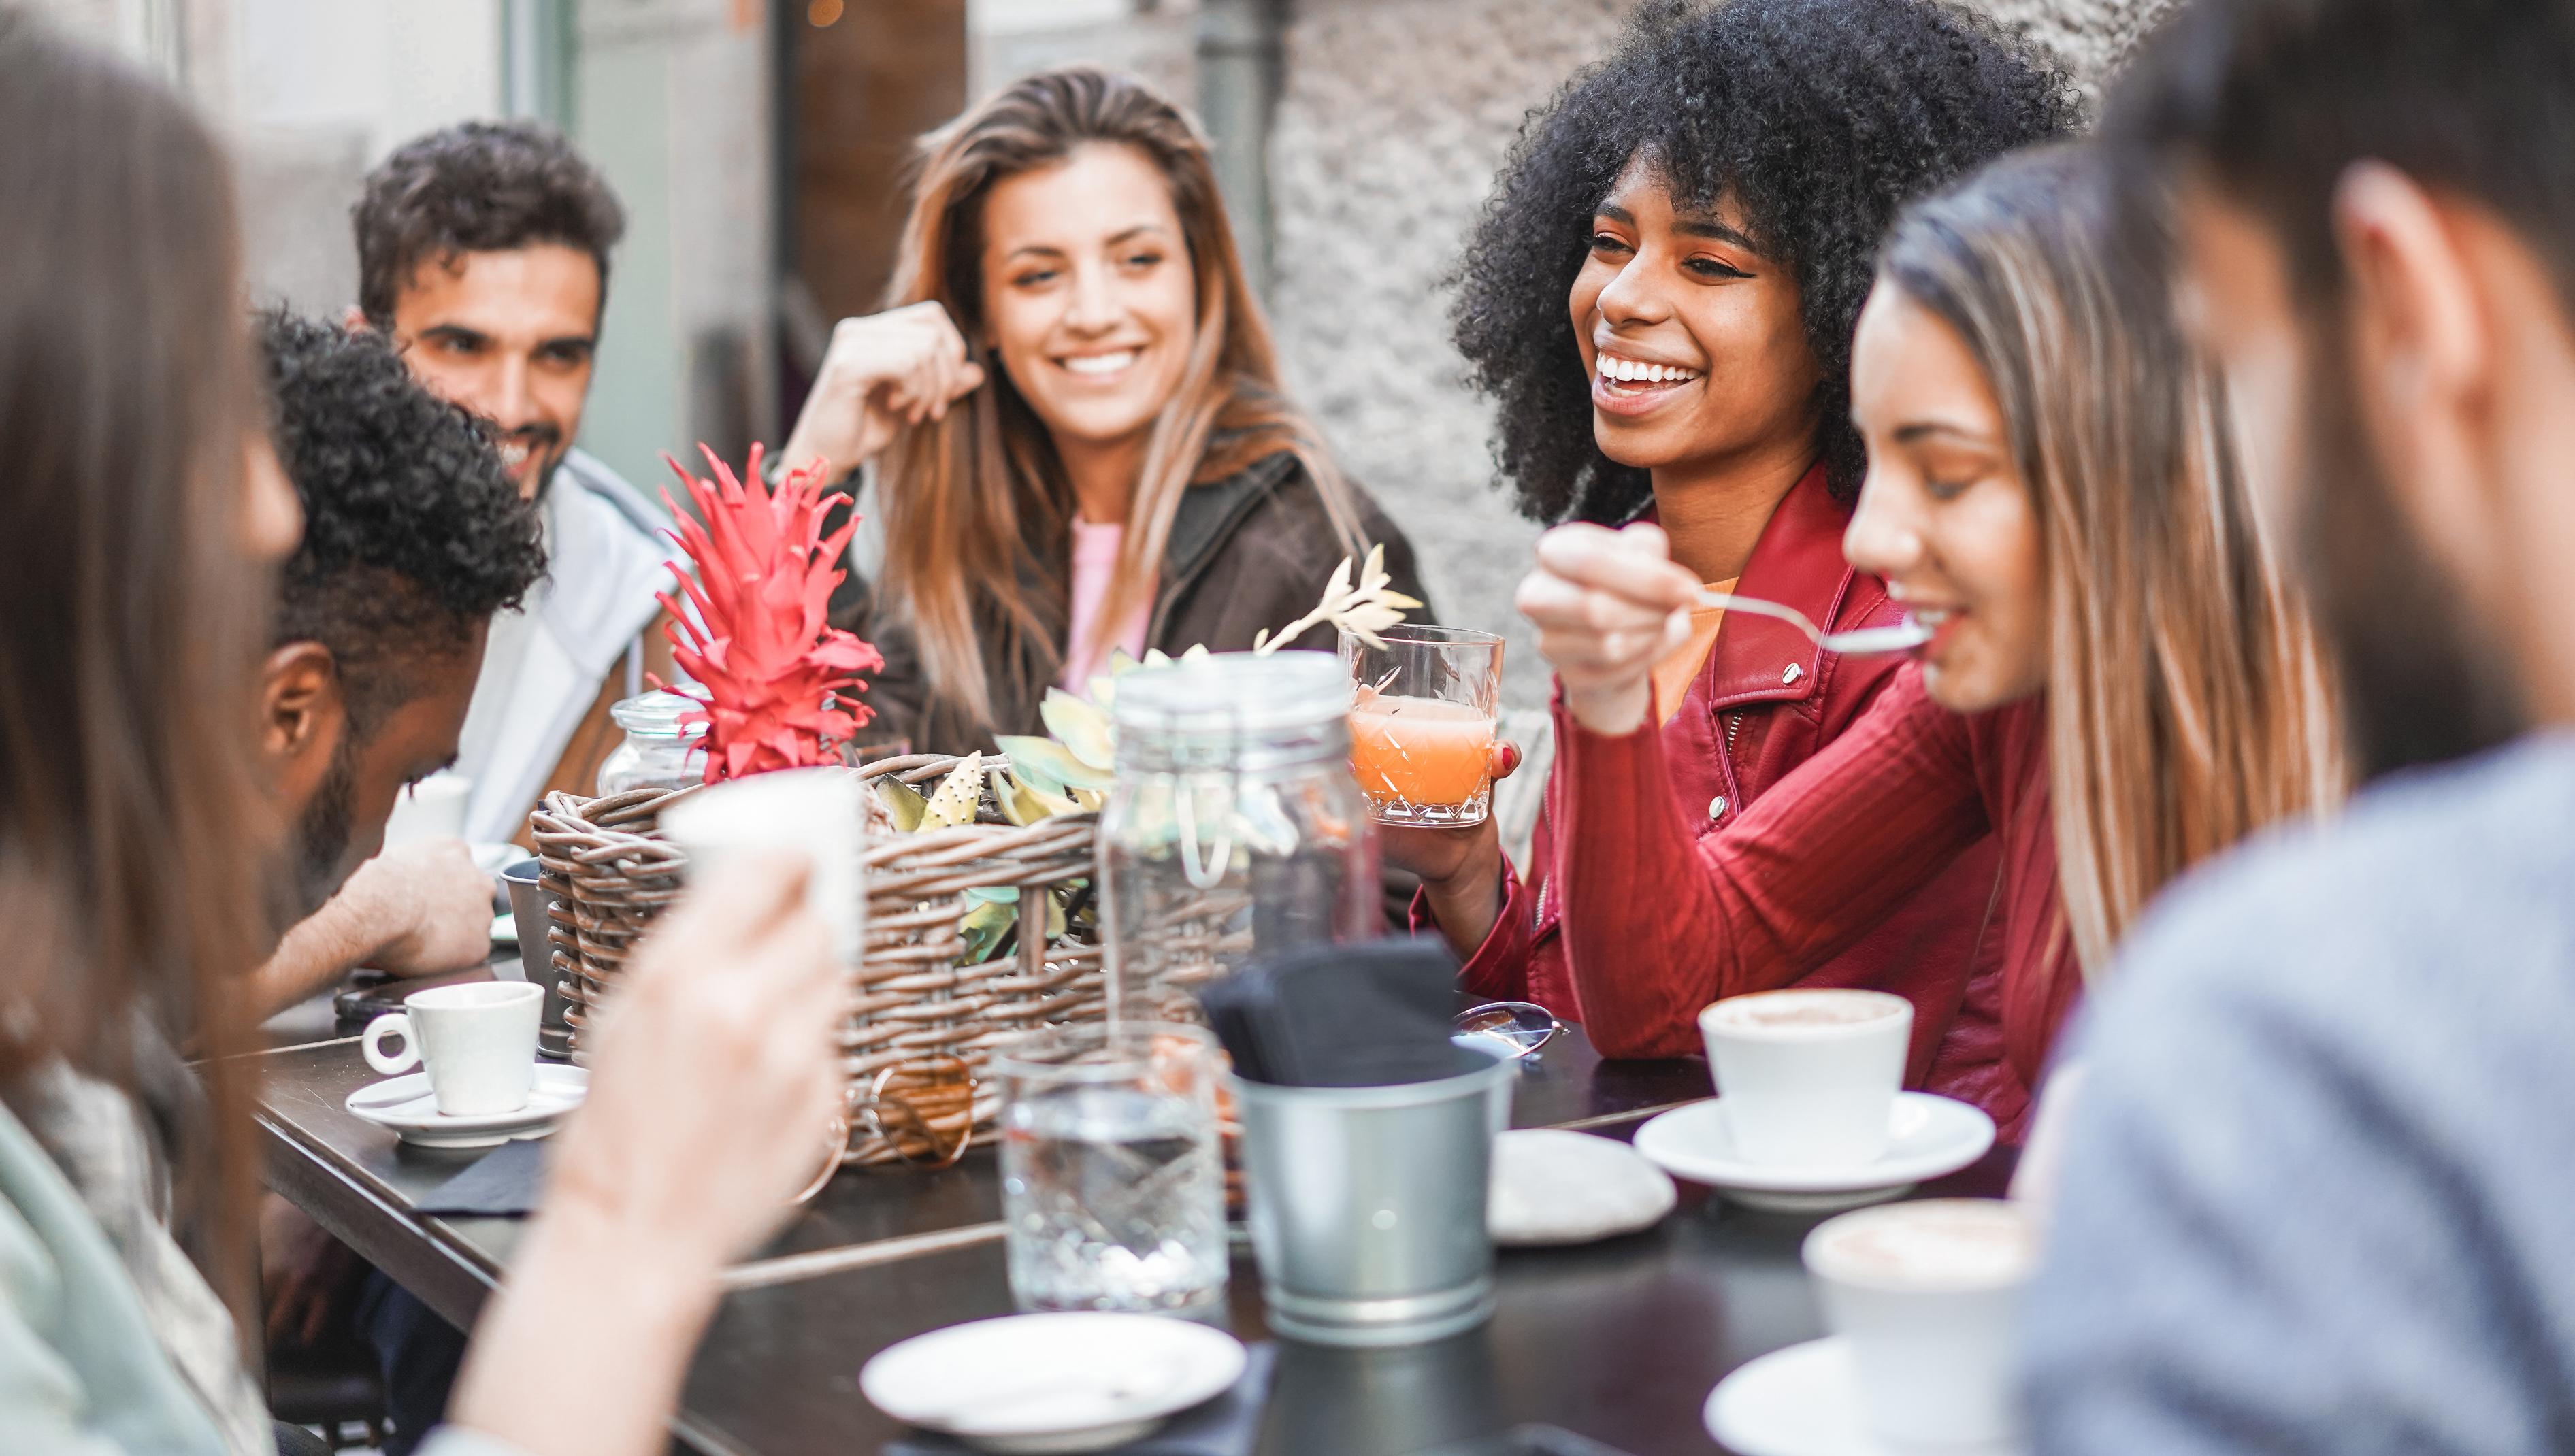 3 Top Restaurant Stocks to Buy in November - Motley Fool